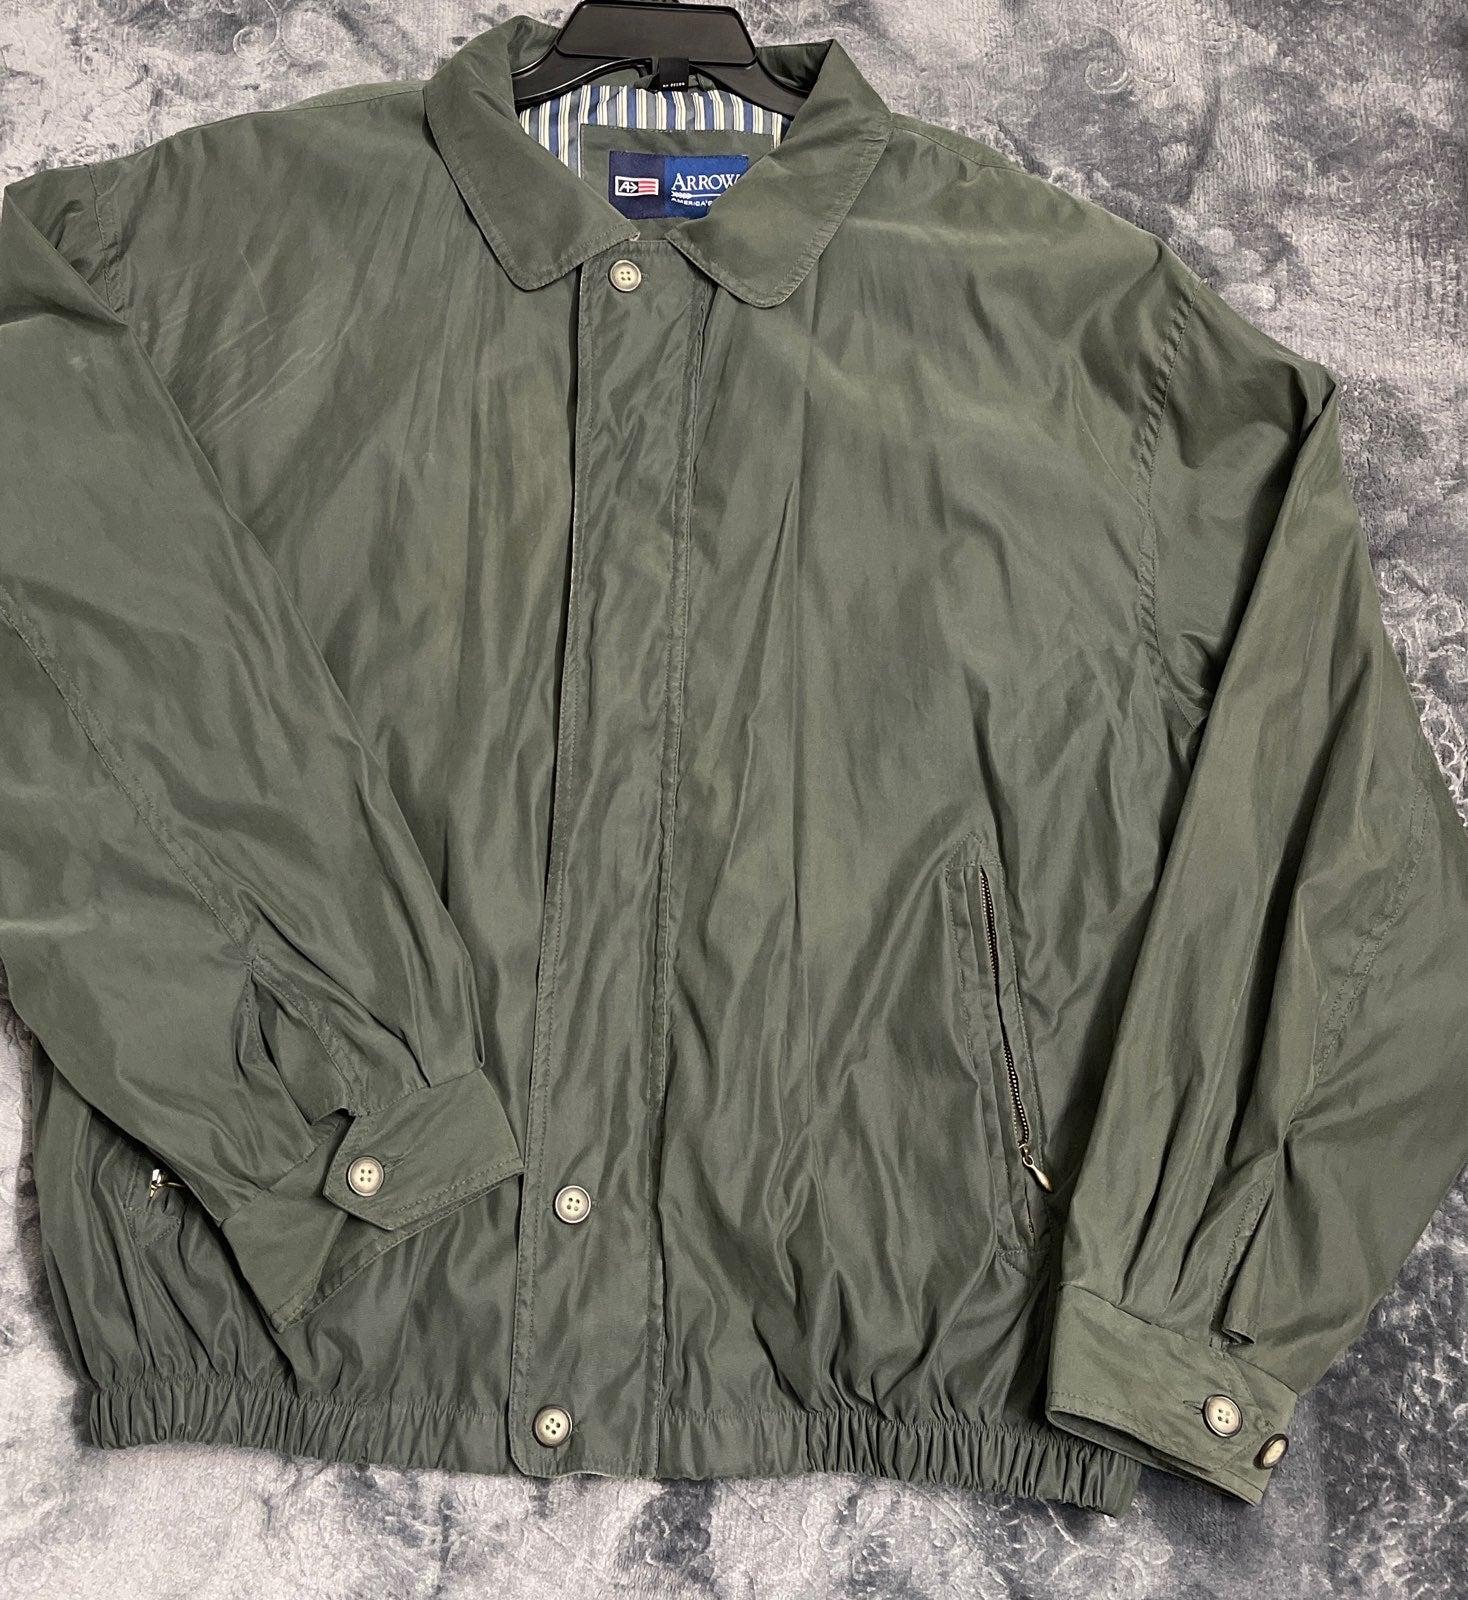 Arrow light jacket